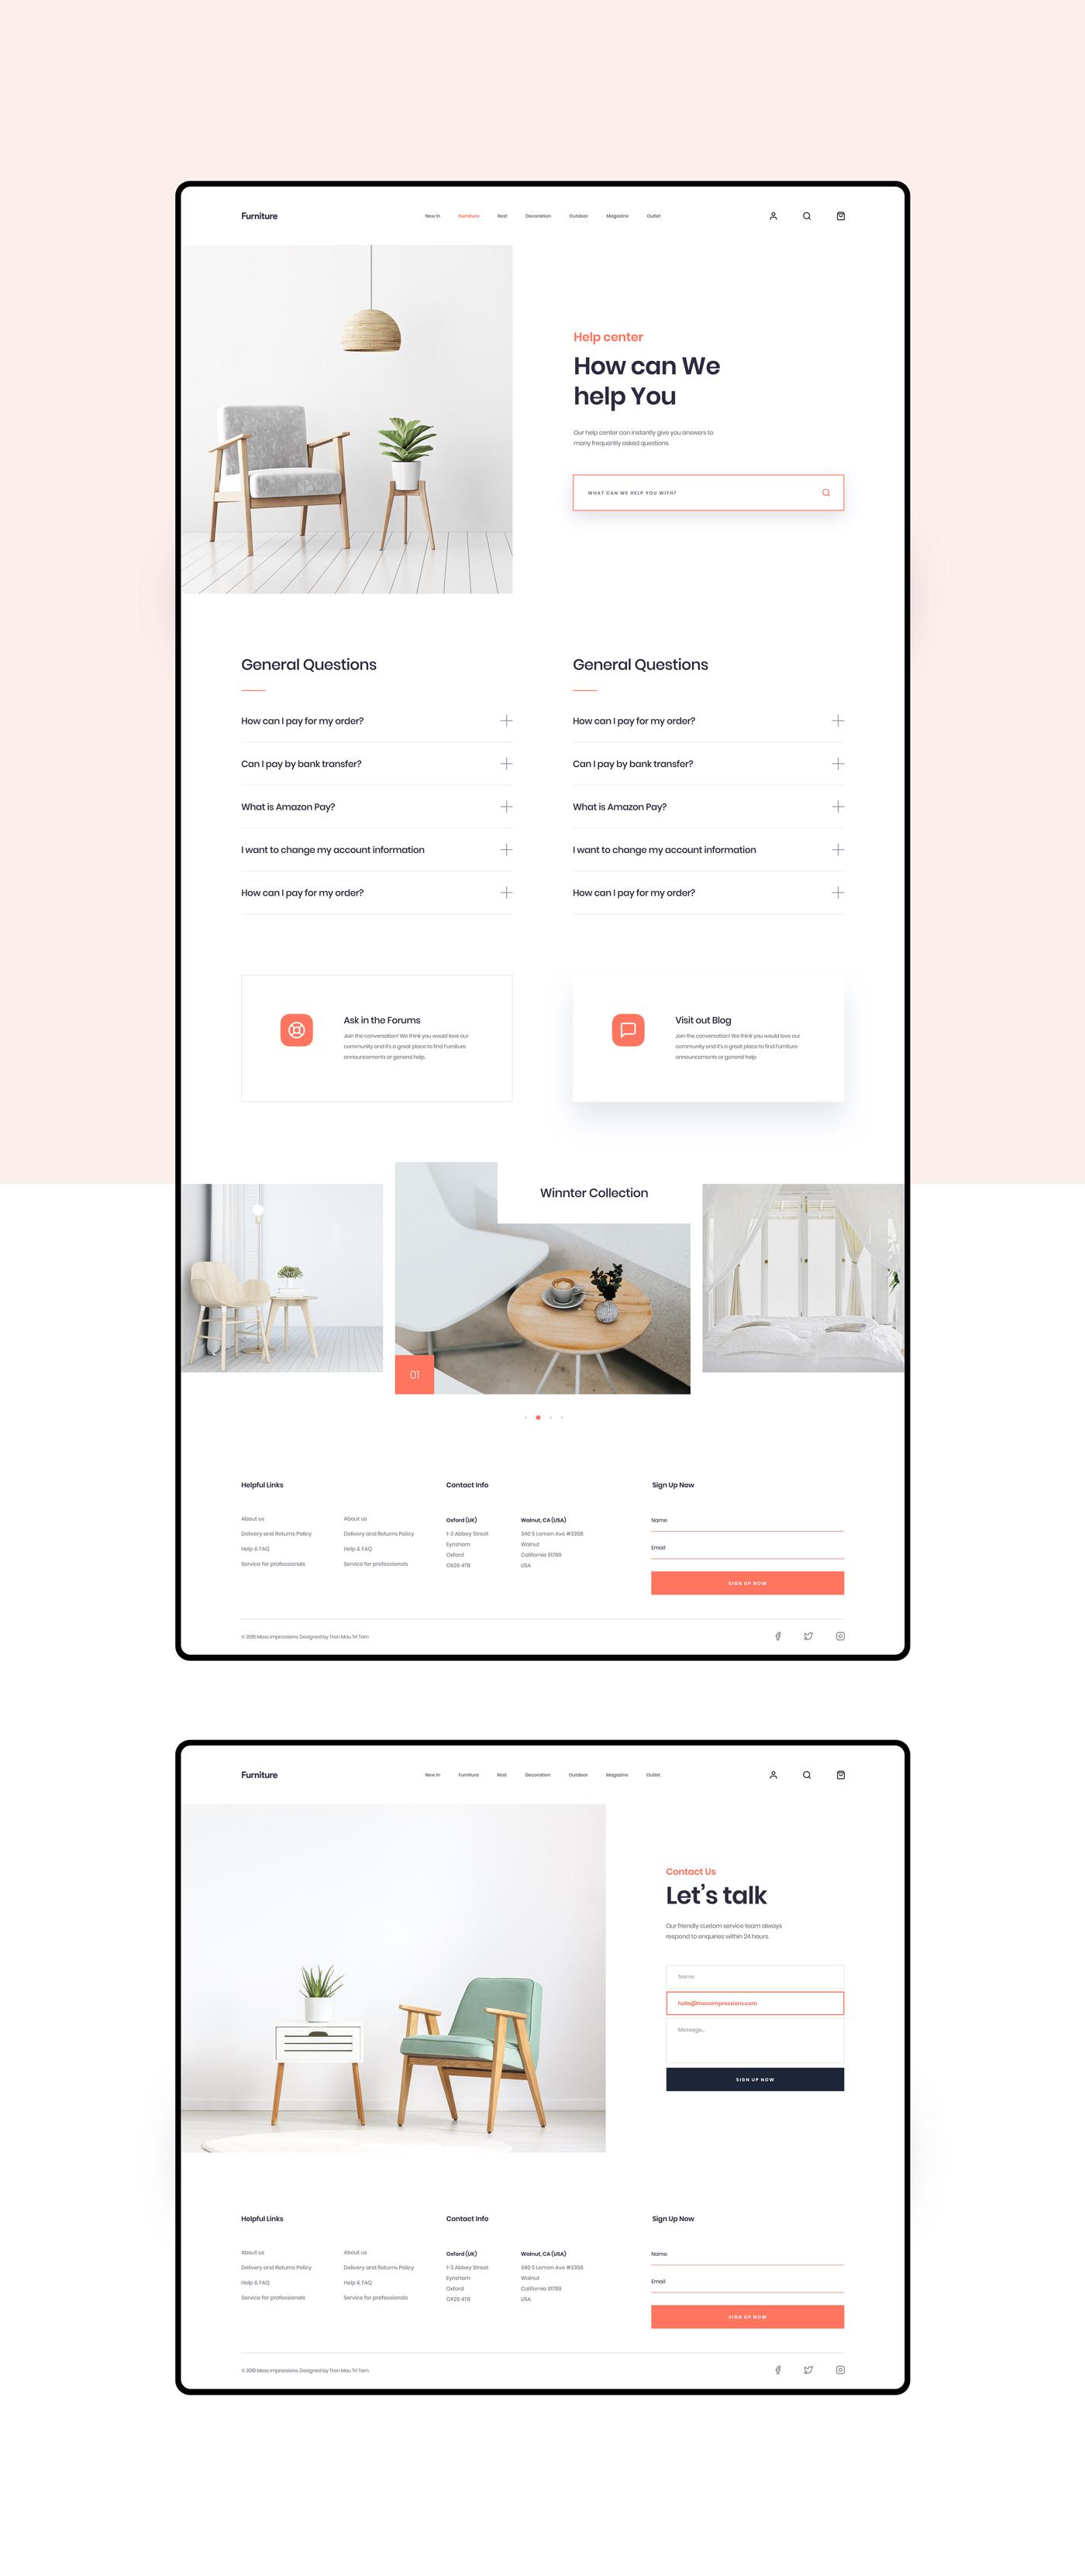 uistore.design